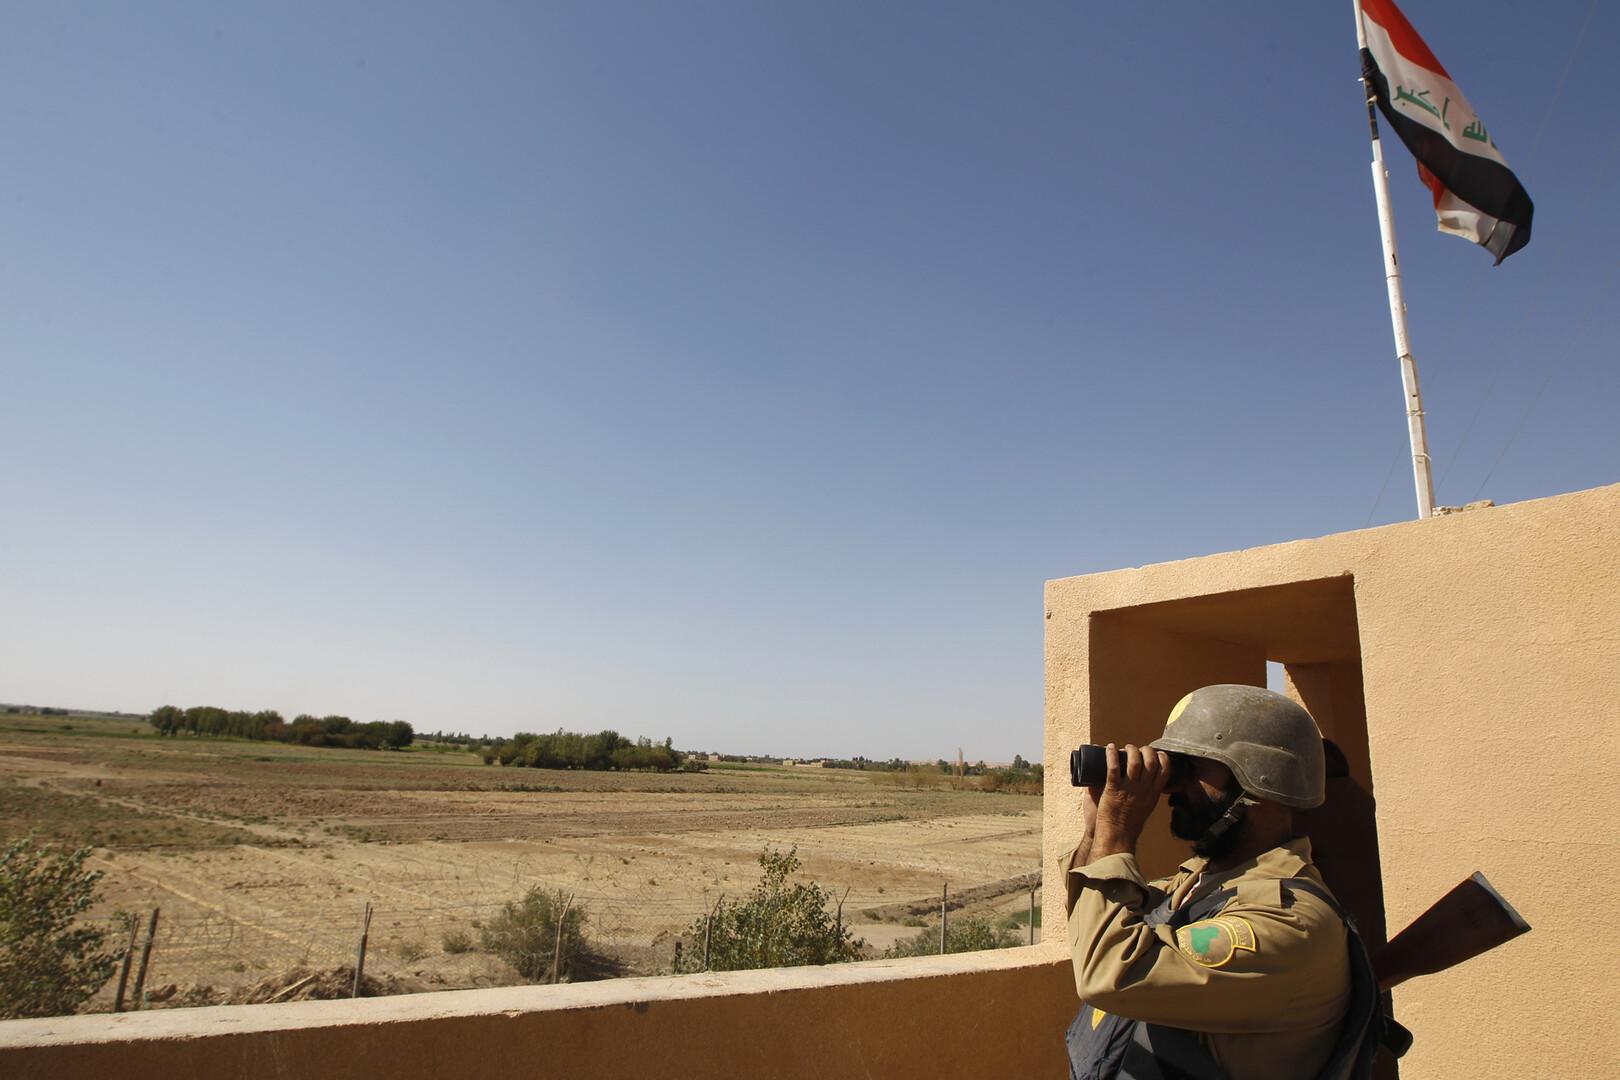 أنباء عن قصف إسرائيلي جديد يستهدف مواقع عسكرية قرب الحدود العراقية-السورية